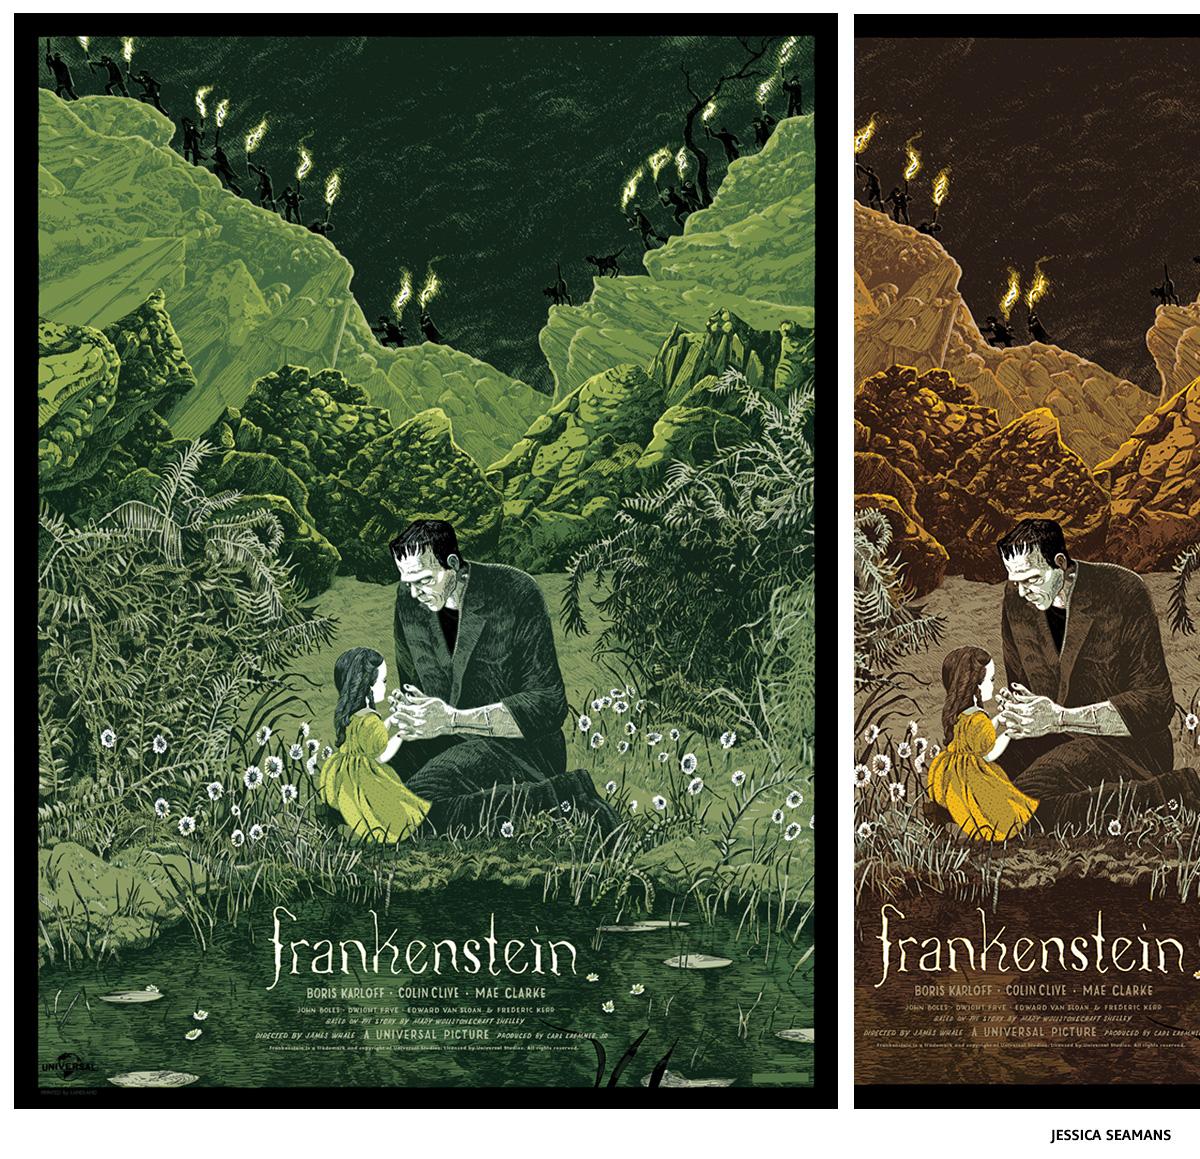 Frankenstein by Jessica Seamans sérigraphie affiche